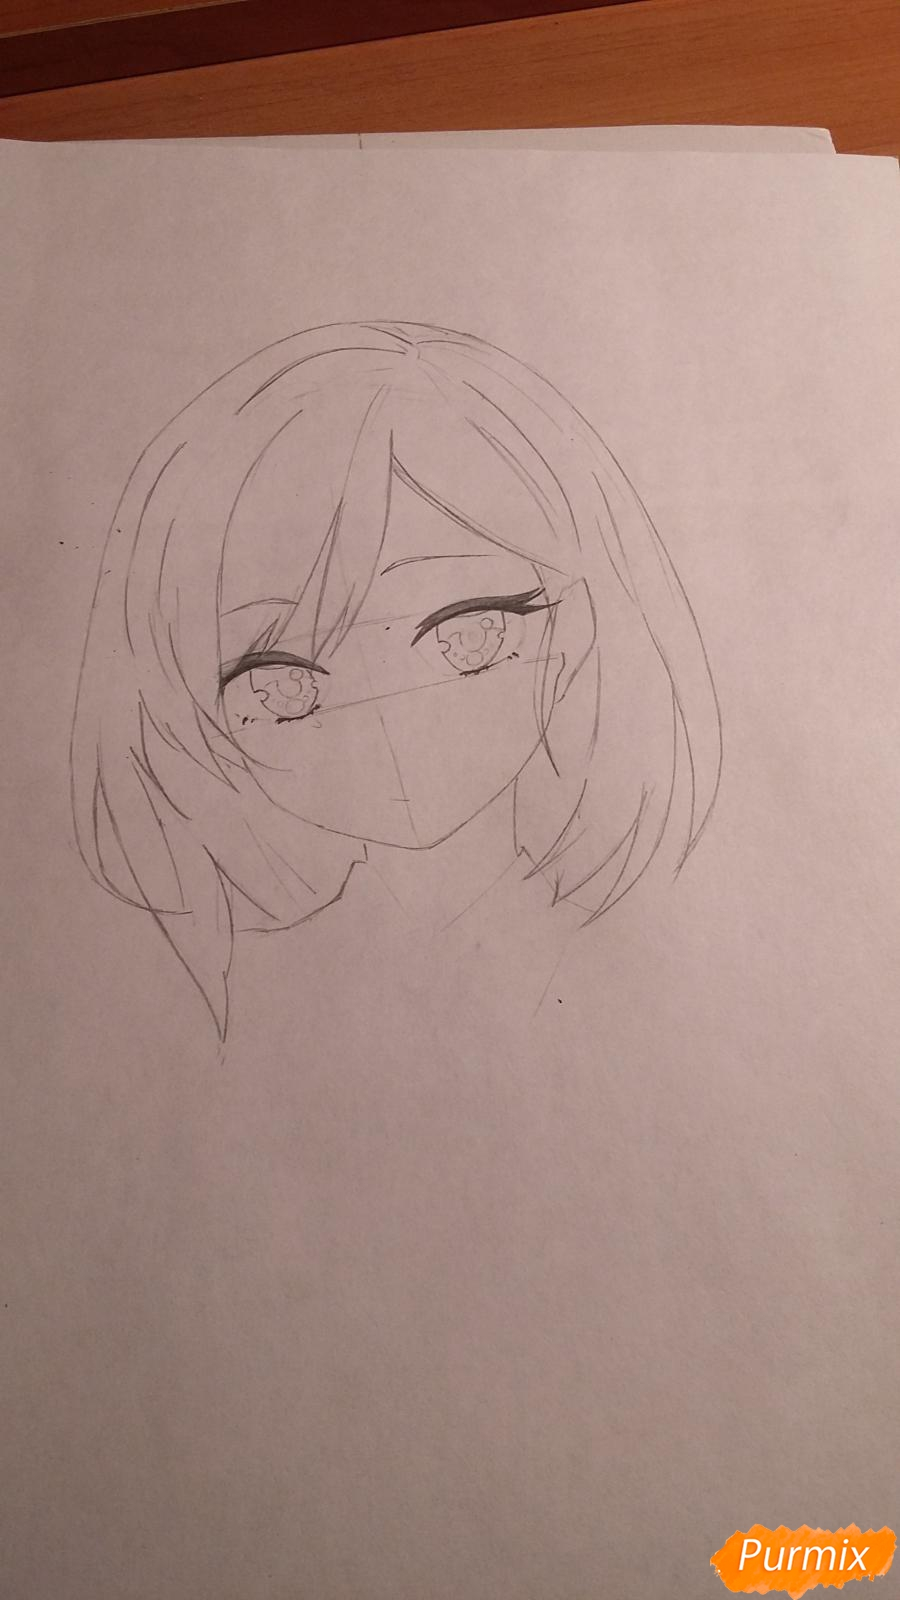 Как нарисовать протрет девушки в аниме стиле карандашом поэтапно - шаг 3